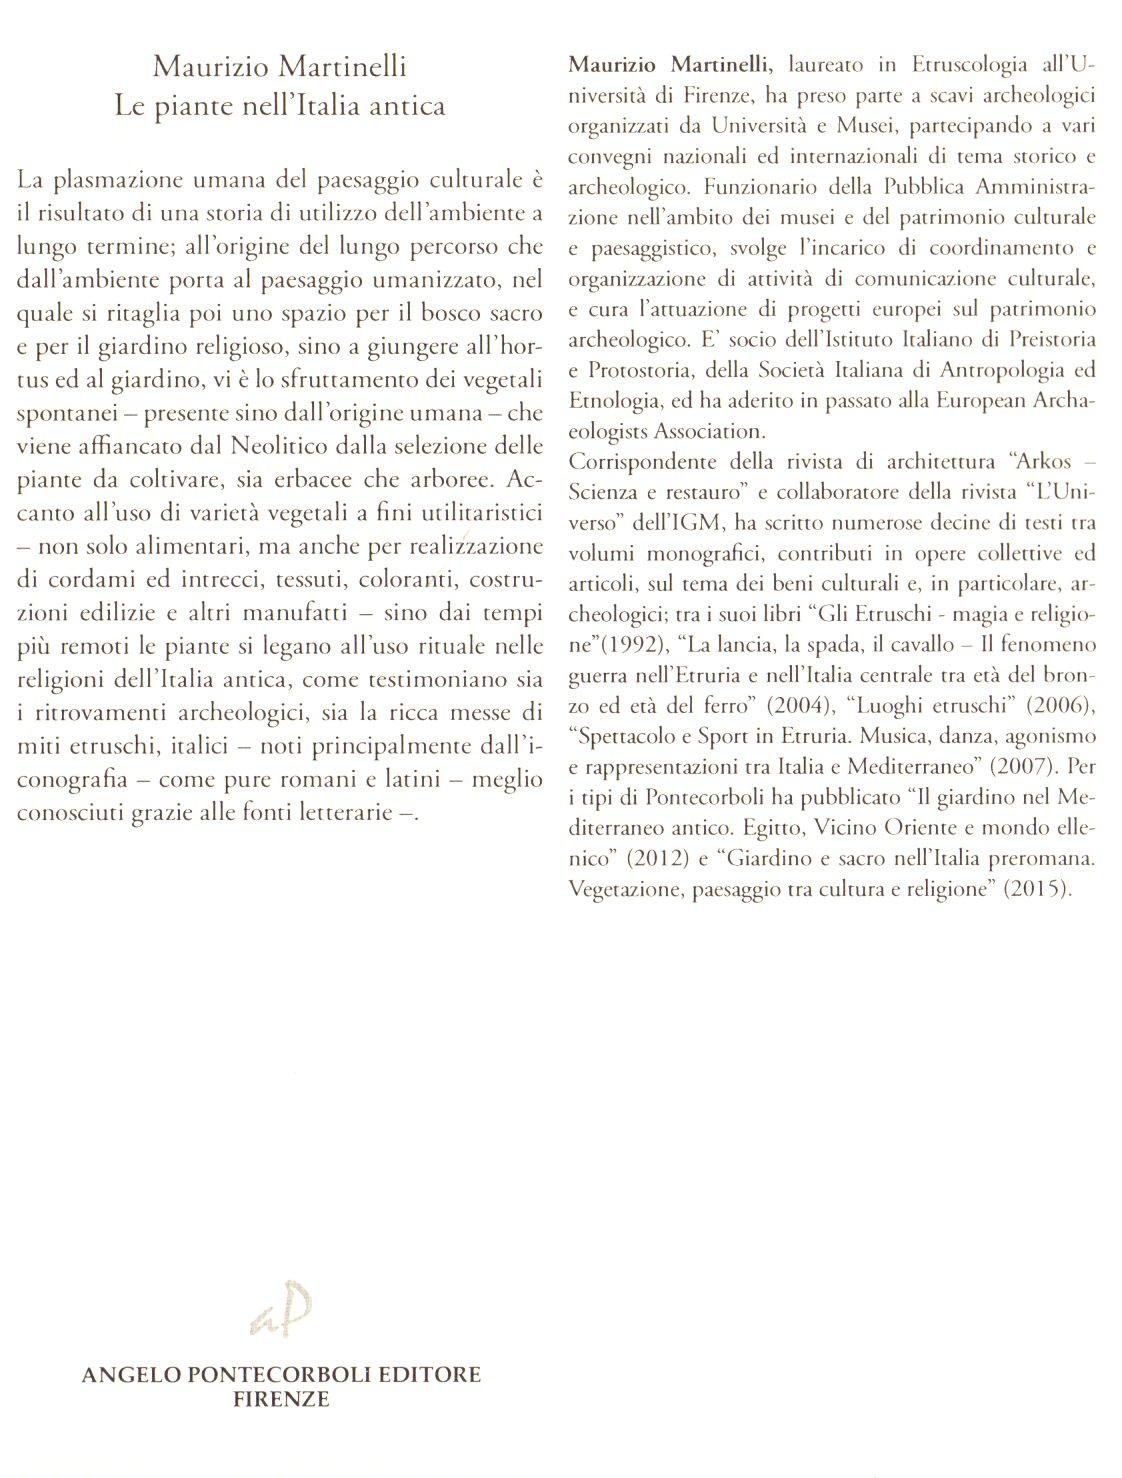 Le piante nell'Italia antica.